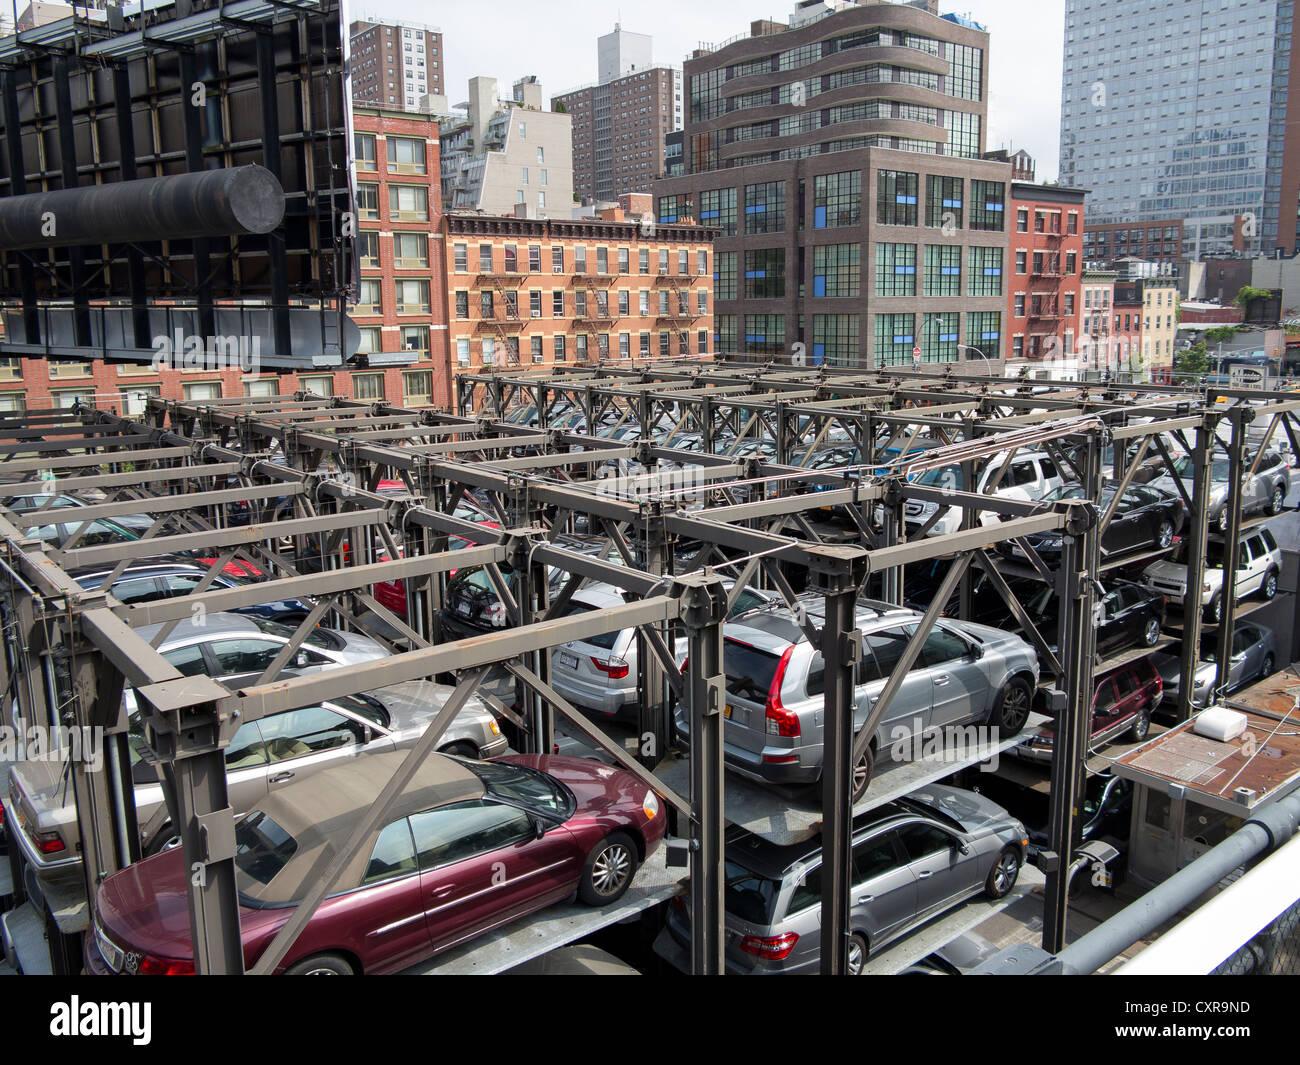 Car Park Stacked Parking Garage Manhattan New York City